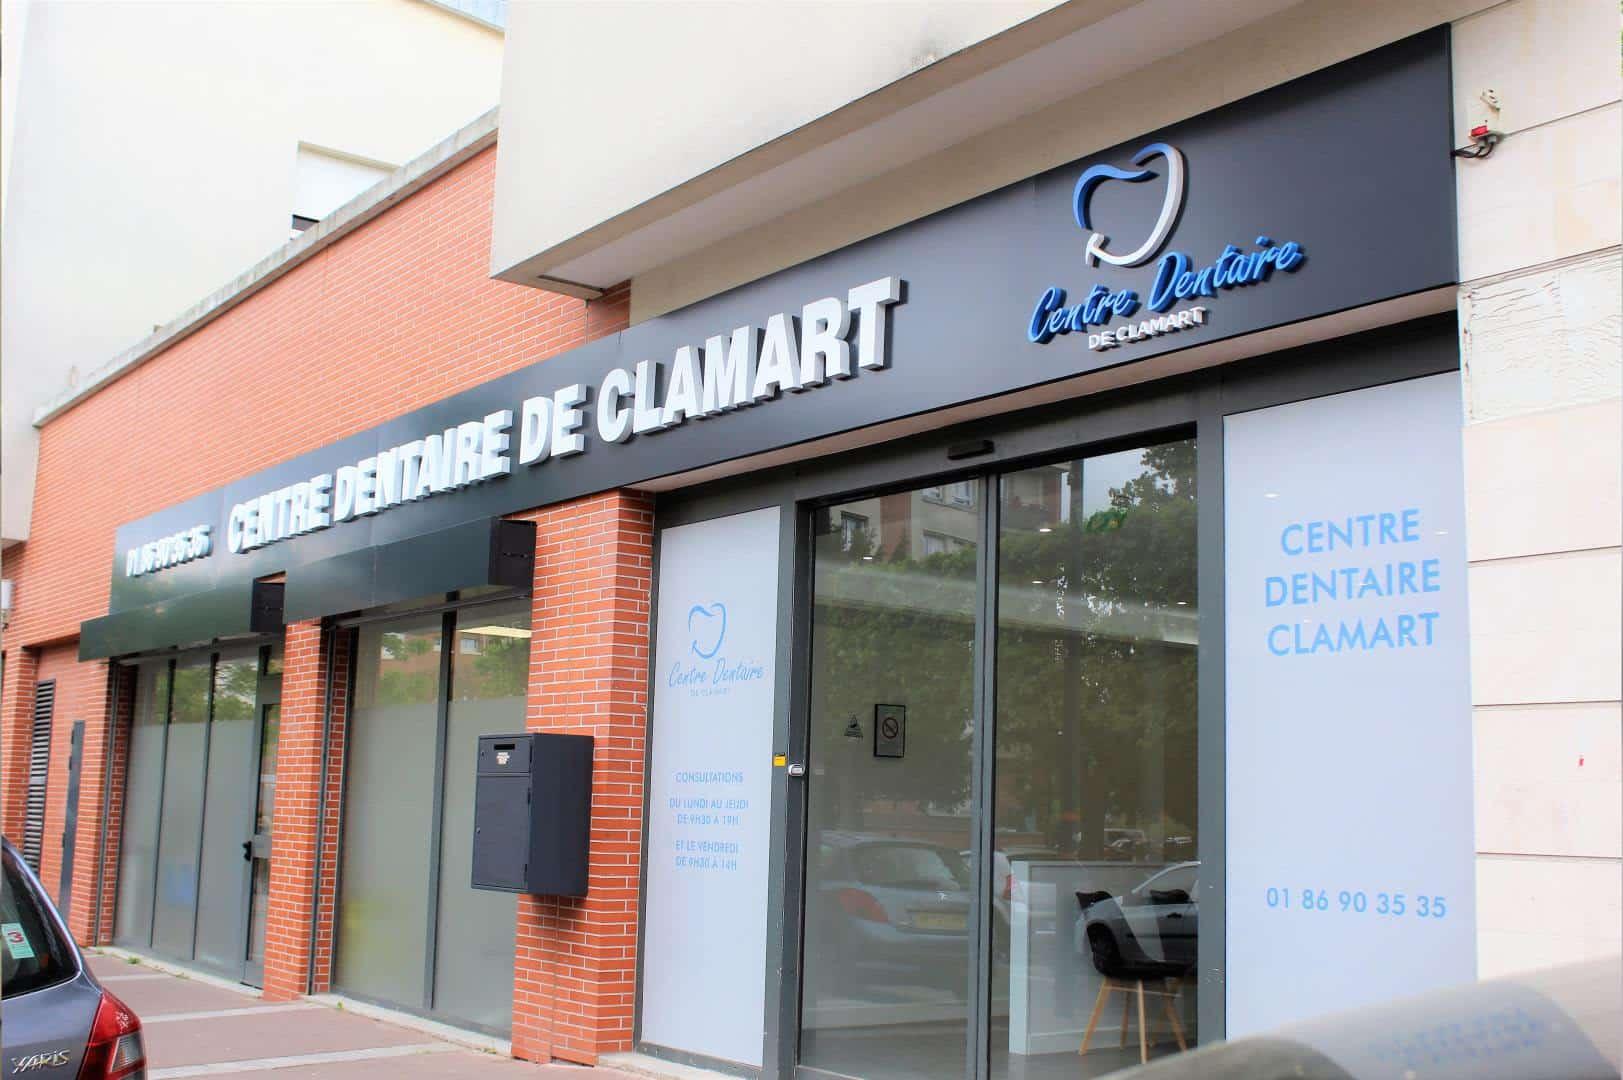 Centre dentaire : des soins remboursés par la Sécurité sociale ?